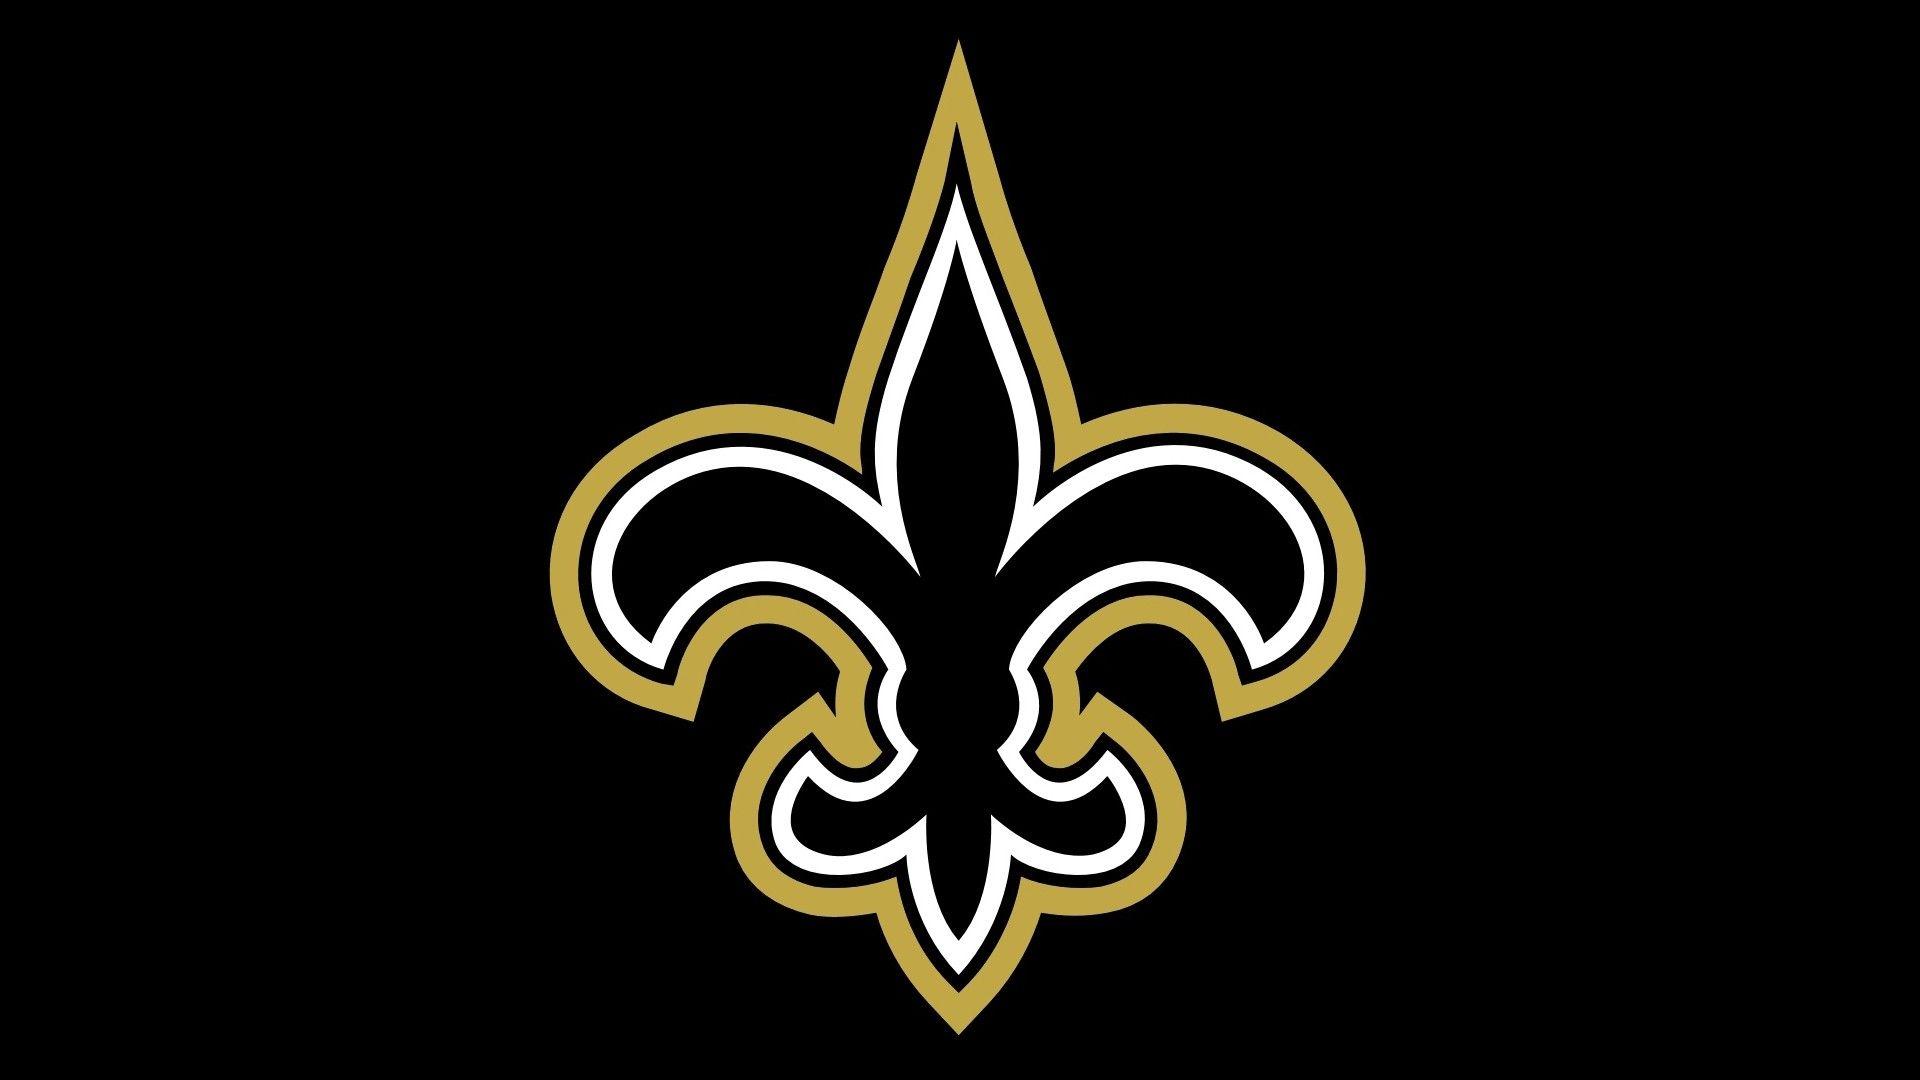 HD Backgrounds New Orleans Saints   New orleans saints ...